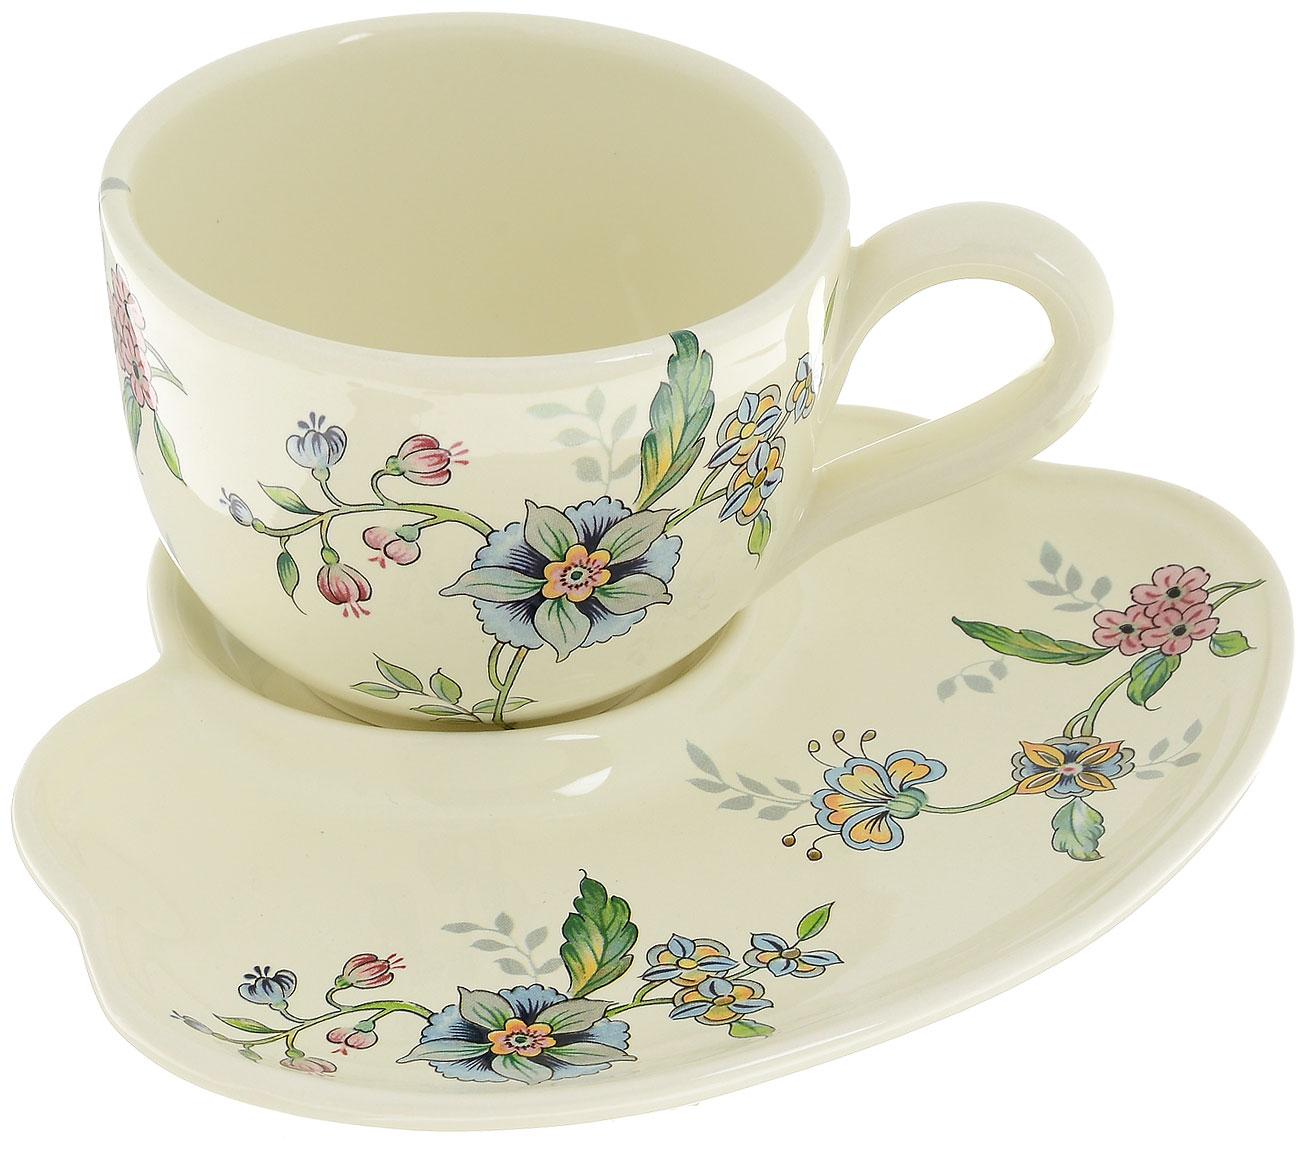 Набор для завтрака Nuova Cer Прованс, 2 предметаPRV-7960Набор для завтрака Nuova Cer Прованс состоит из чашки и тарелки, изготовленных из высококачественной керамики. Изделия оформлены цветочным узором. Красочность оформления придется по вкусу и ценителям классики, и тем, кто предпочитает утонченность и изысканность. Такой набор прекрасно дополнит сервировку стола к завтраку и подчеркнет ваш безупречный вкус. Набор для завтрака Nuova Cer Прованс - это прекрасный подарок к любому случаю. Изделия нельзя мыть в посудомоечной машине. Объем чашки: 600 мл. Диаметр чашки (по верхнему краю): 12 см. Высота чашки: 9 см. Размер тарелки: 20 х 23 см.